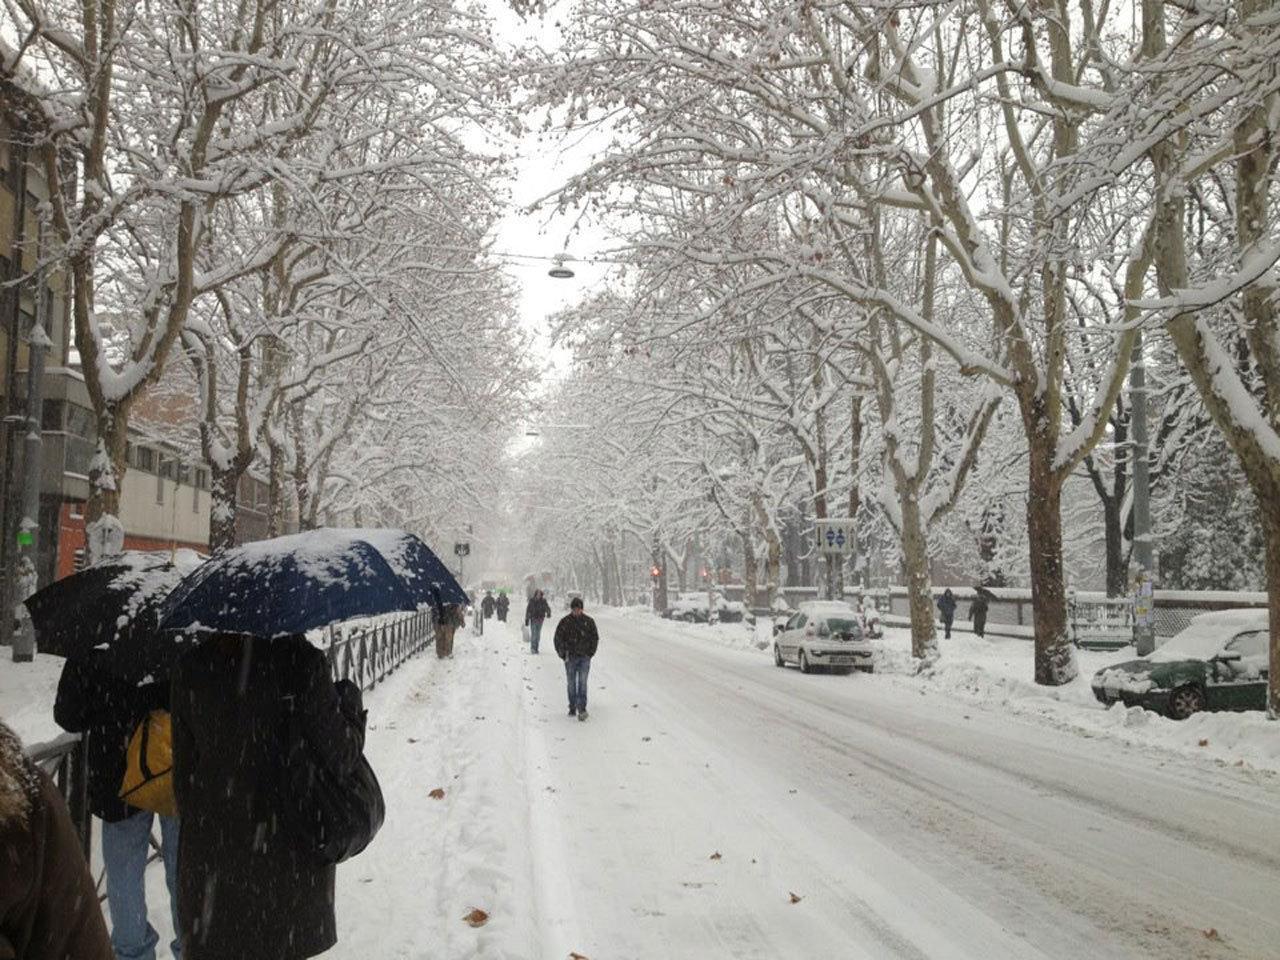 Maltempo e neve a quote sempre più basse: forte irruzione fredda ai primi di Febbraio?